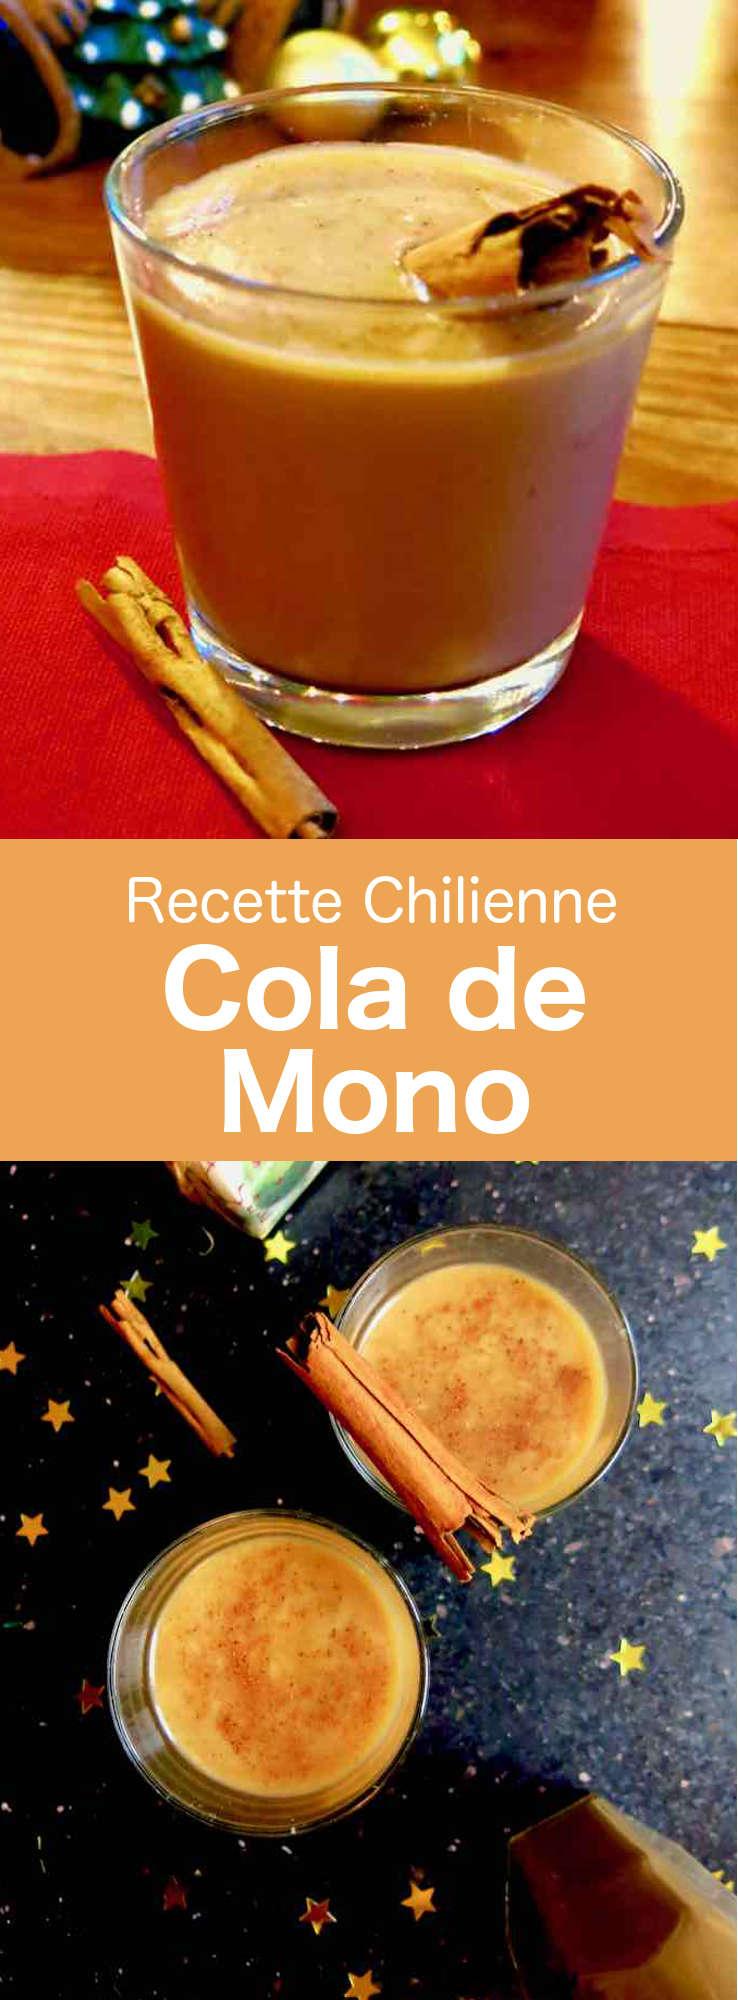 La cola de mono (colemono) est un cocktail chilien à base de lait, sucre, café, clou de girofle, cannelle et eau-de-vie typique de Noël et du Nouvel An. #Chili #RecetteChilienne #CuisineChilienne #CuisineDuMonde #196flavors